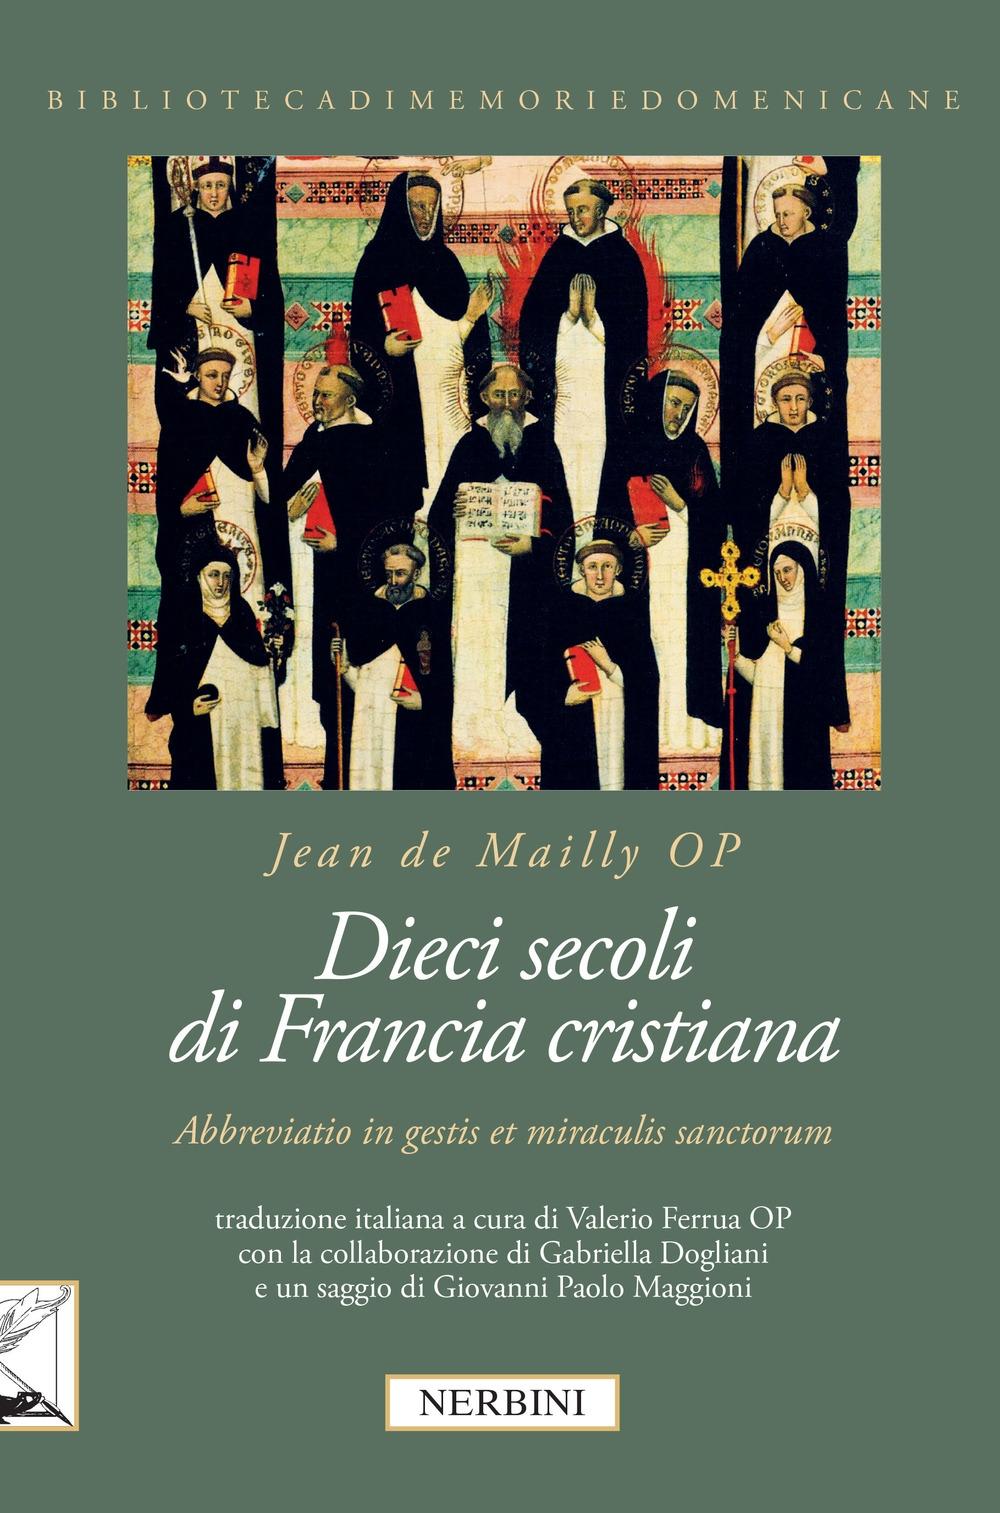 Dieci secoli di Francia cristiana.